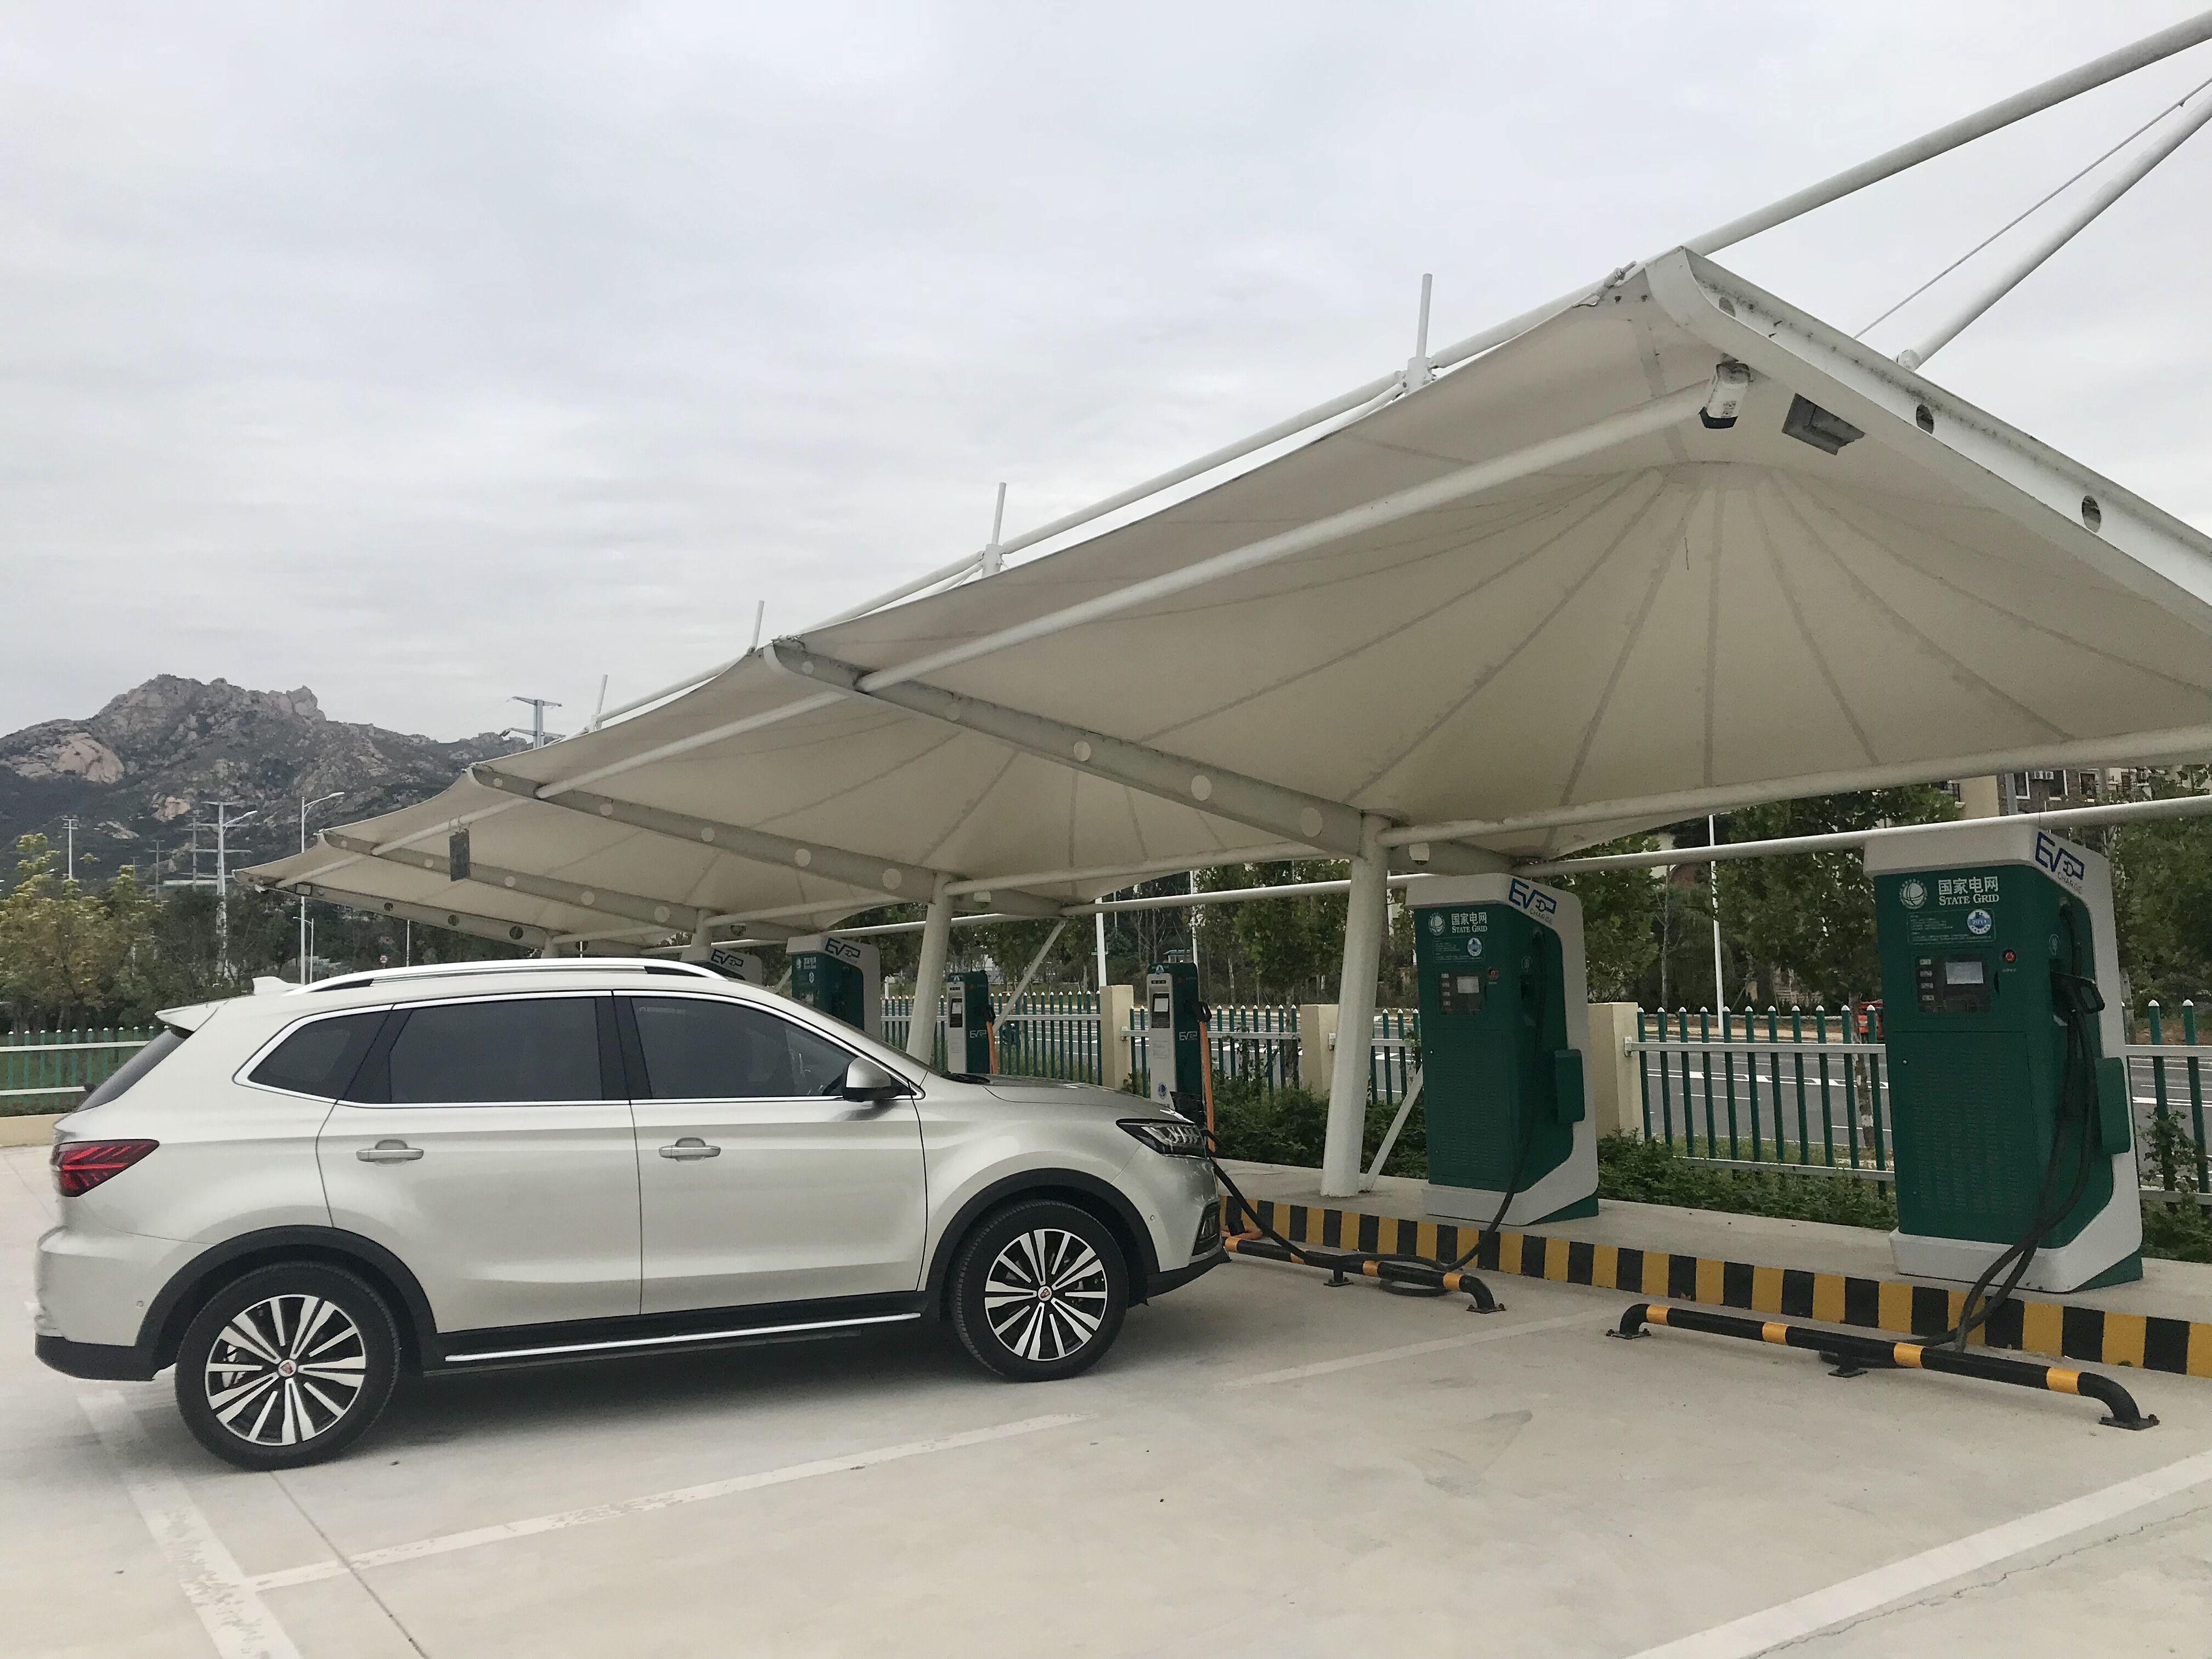 政府、企业总动员 新能源汽车下一个阵地在乡村?